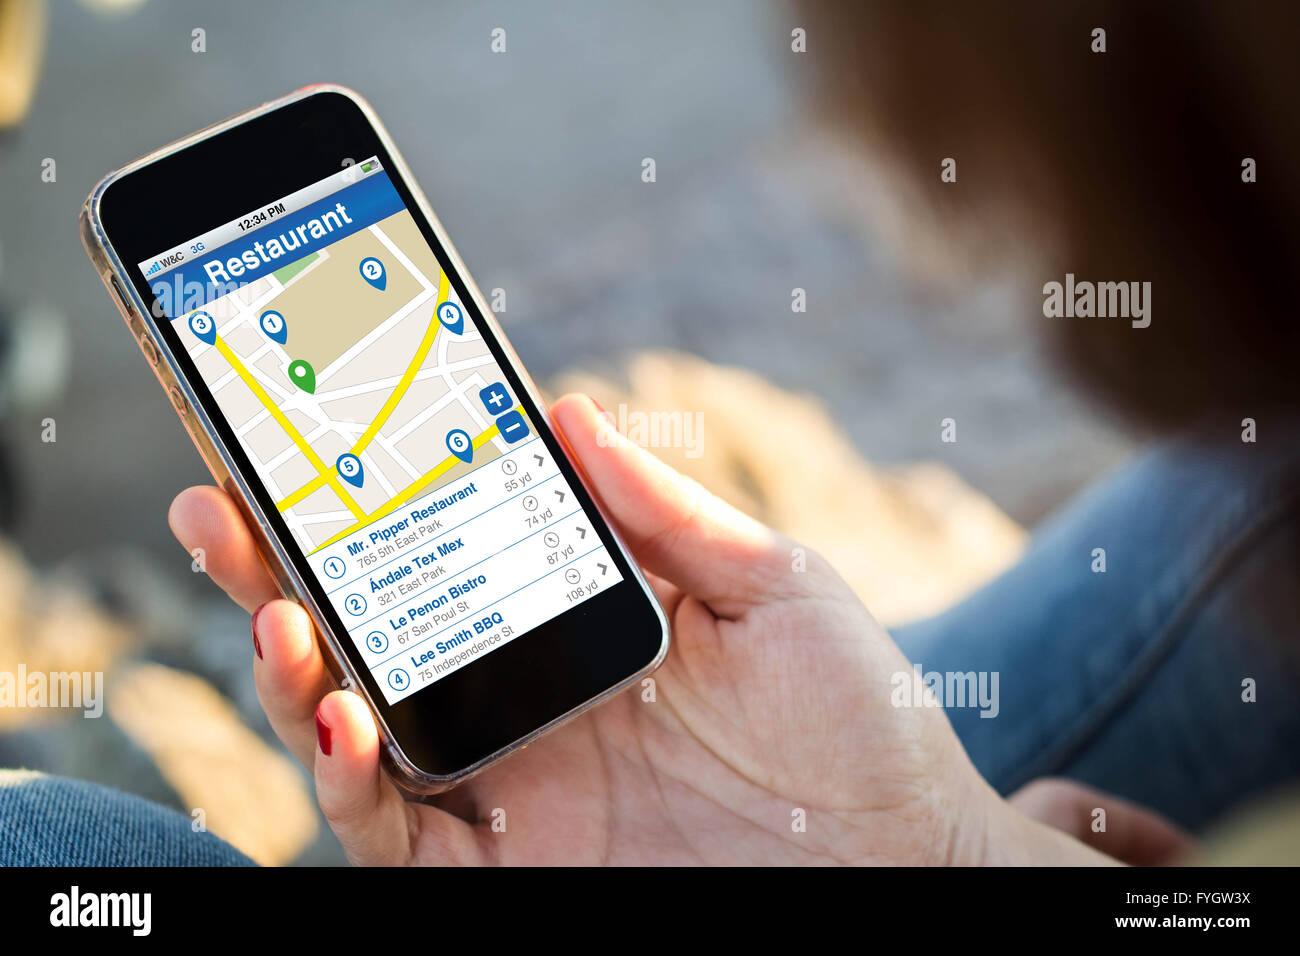 Location Finder Stockfotos & Location Finder Bilder - Alamy